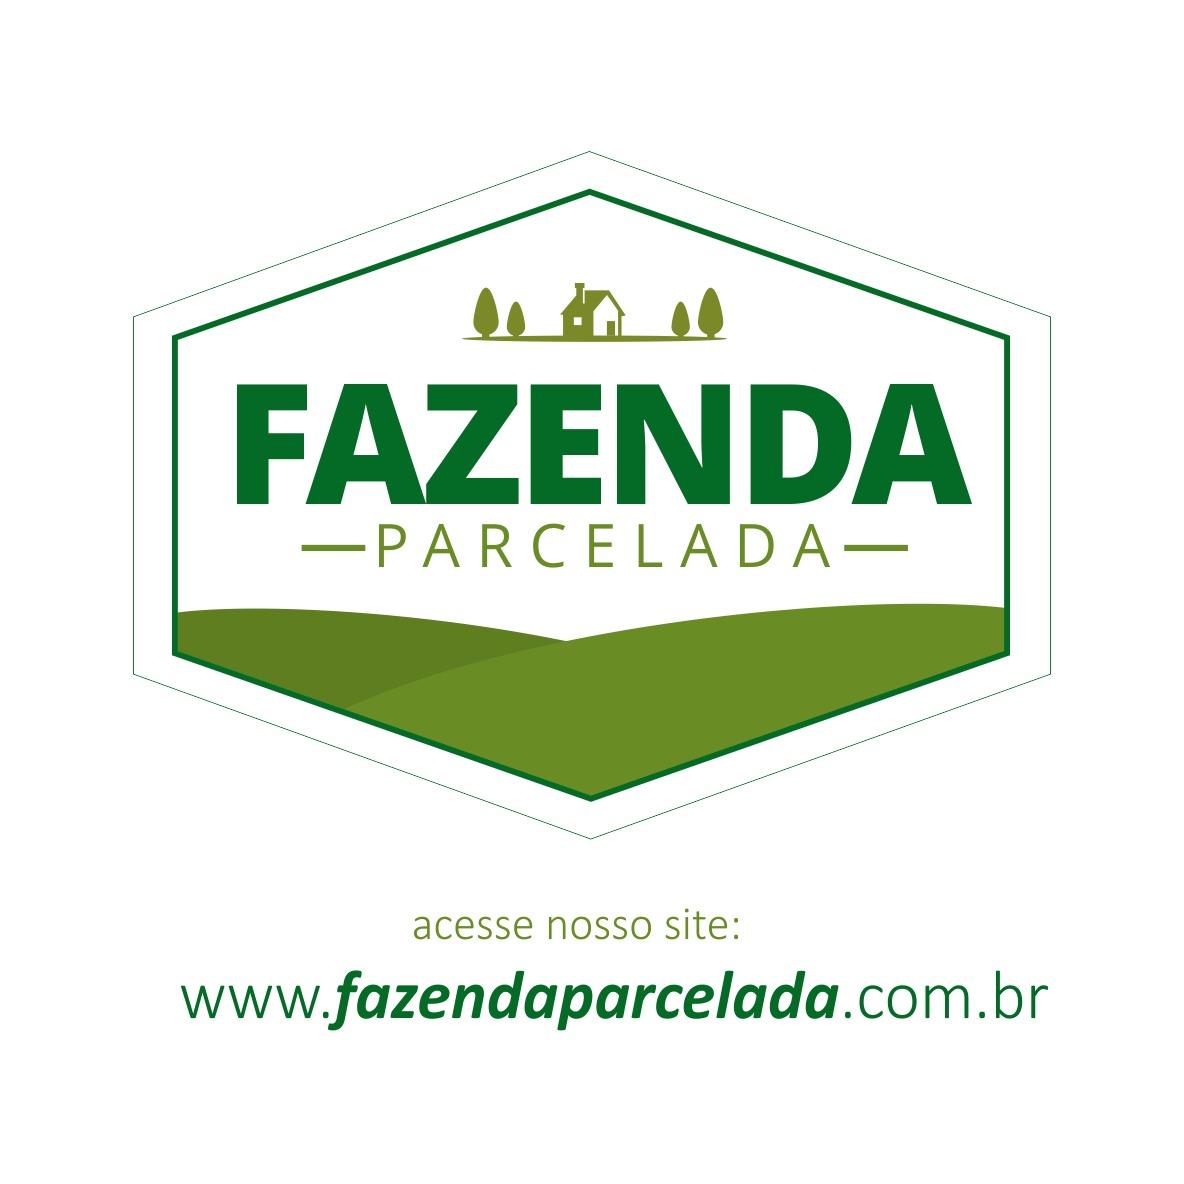 fazenda parcelada prazo  r$ 250,00 mensal